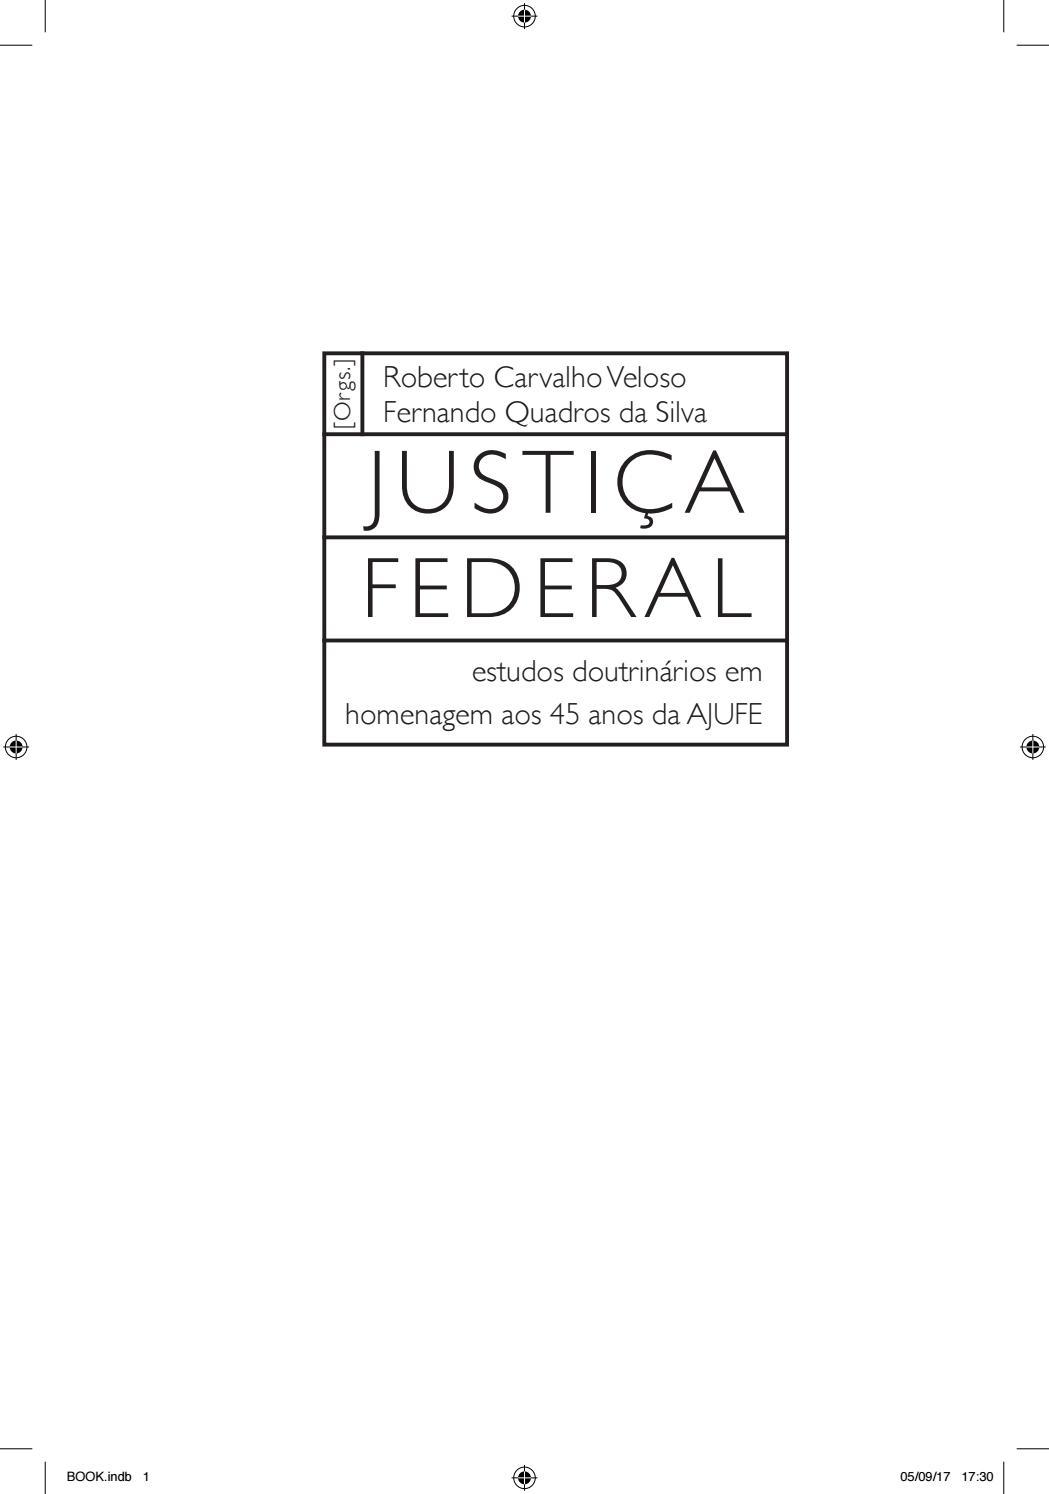 8f86c4749d589 Justiça Federal  estudos doutrinários em homenagem aos 45 anos da AJUFE by  Ajufe Associação de Juízes - issuu